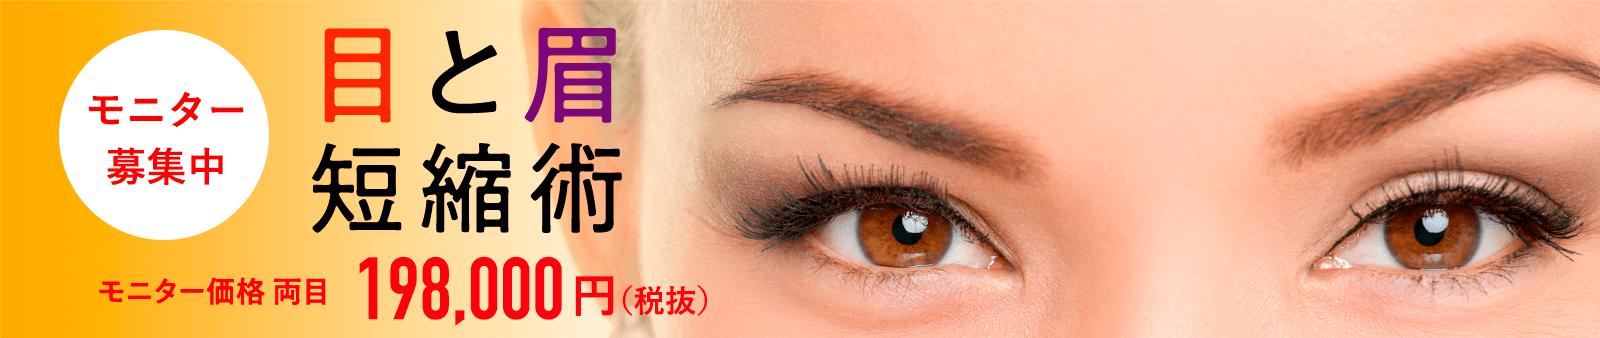 目と眉短縮術モニター募集